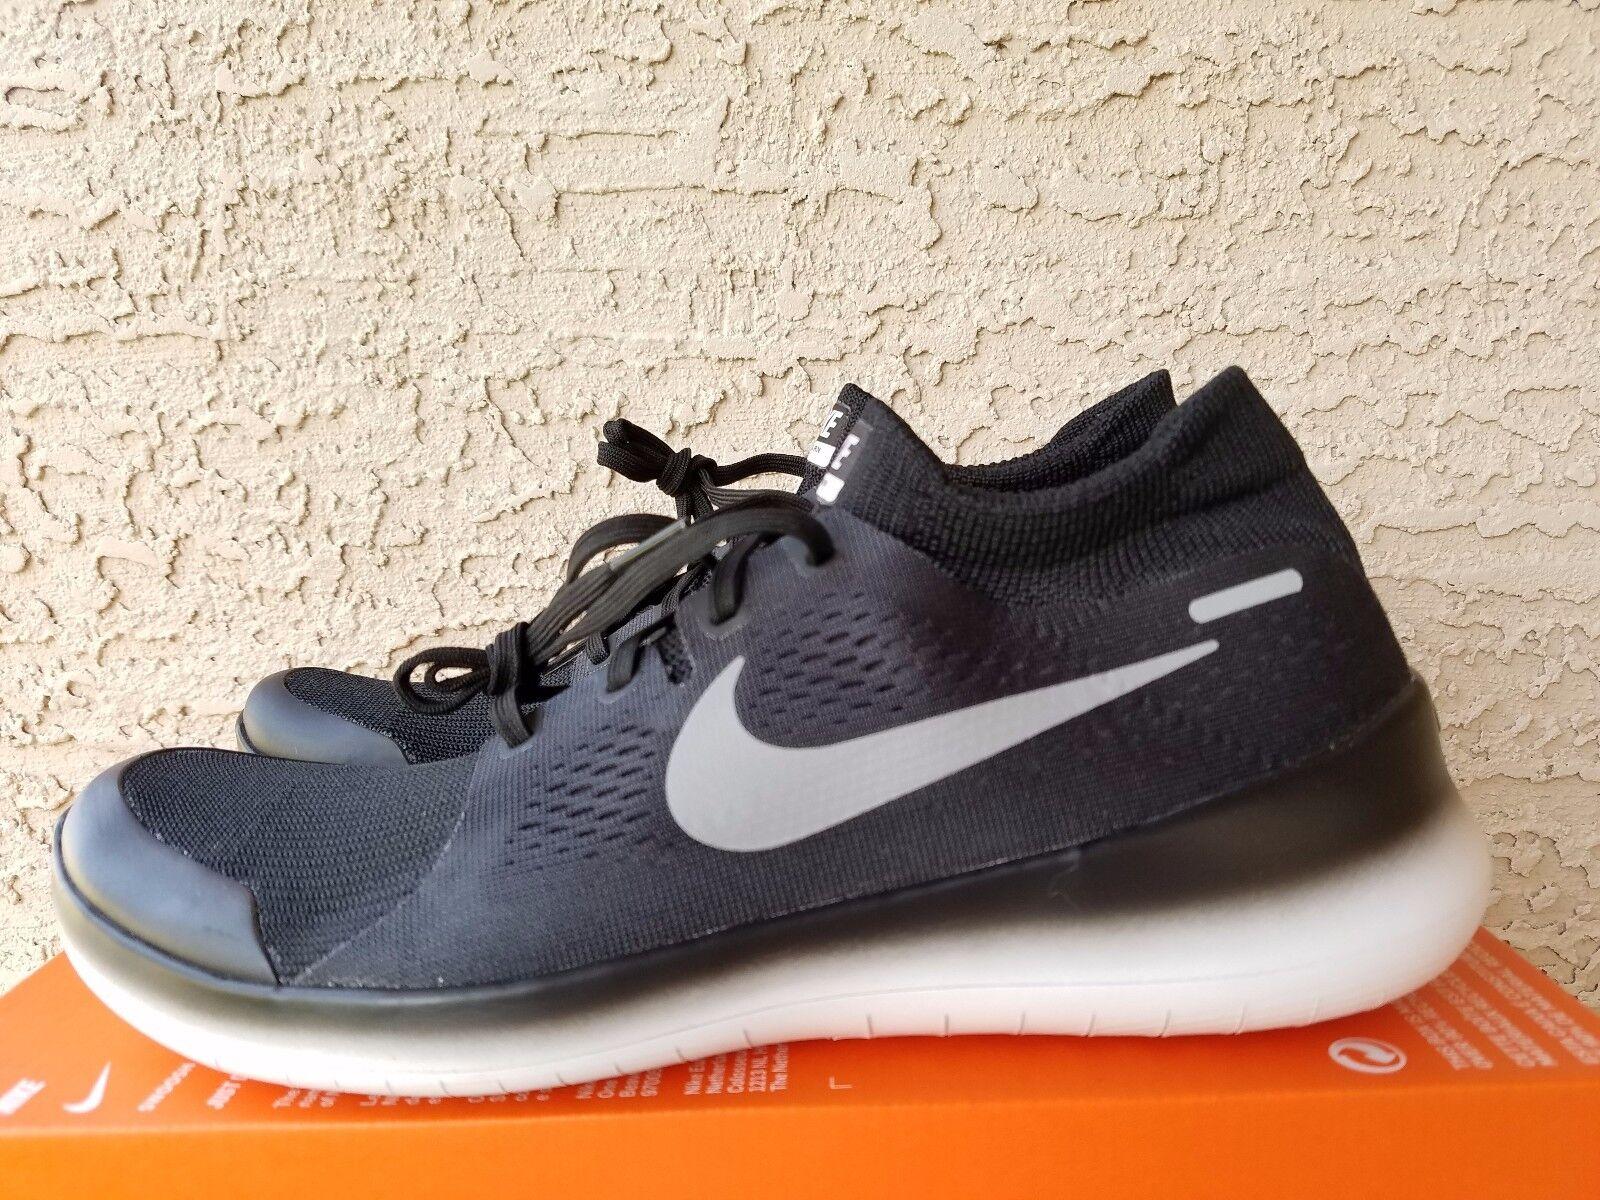 Nike Beta RN Black White Black 836223-001 Running Shoes Comfortable